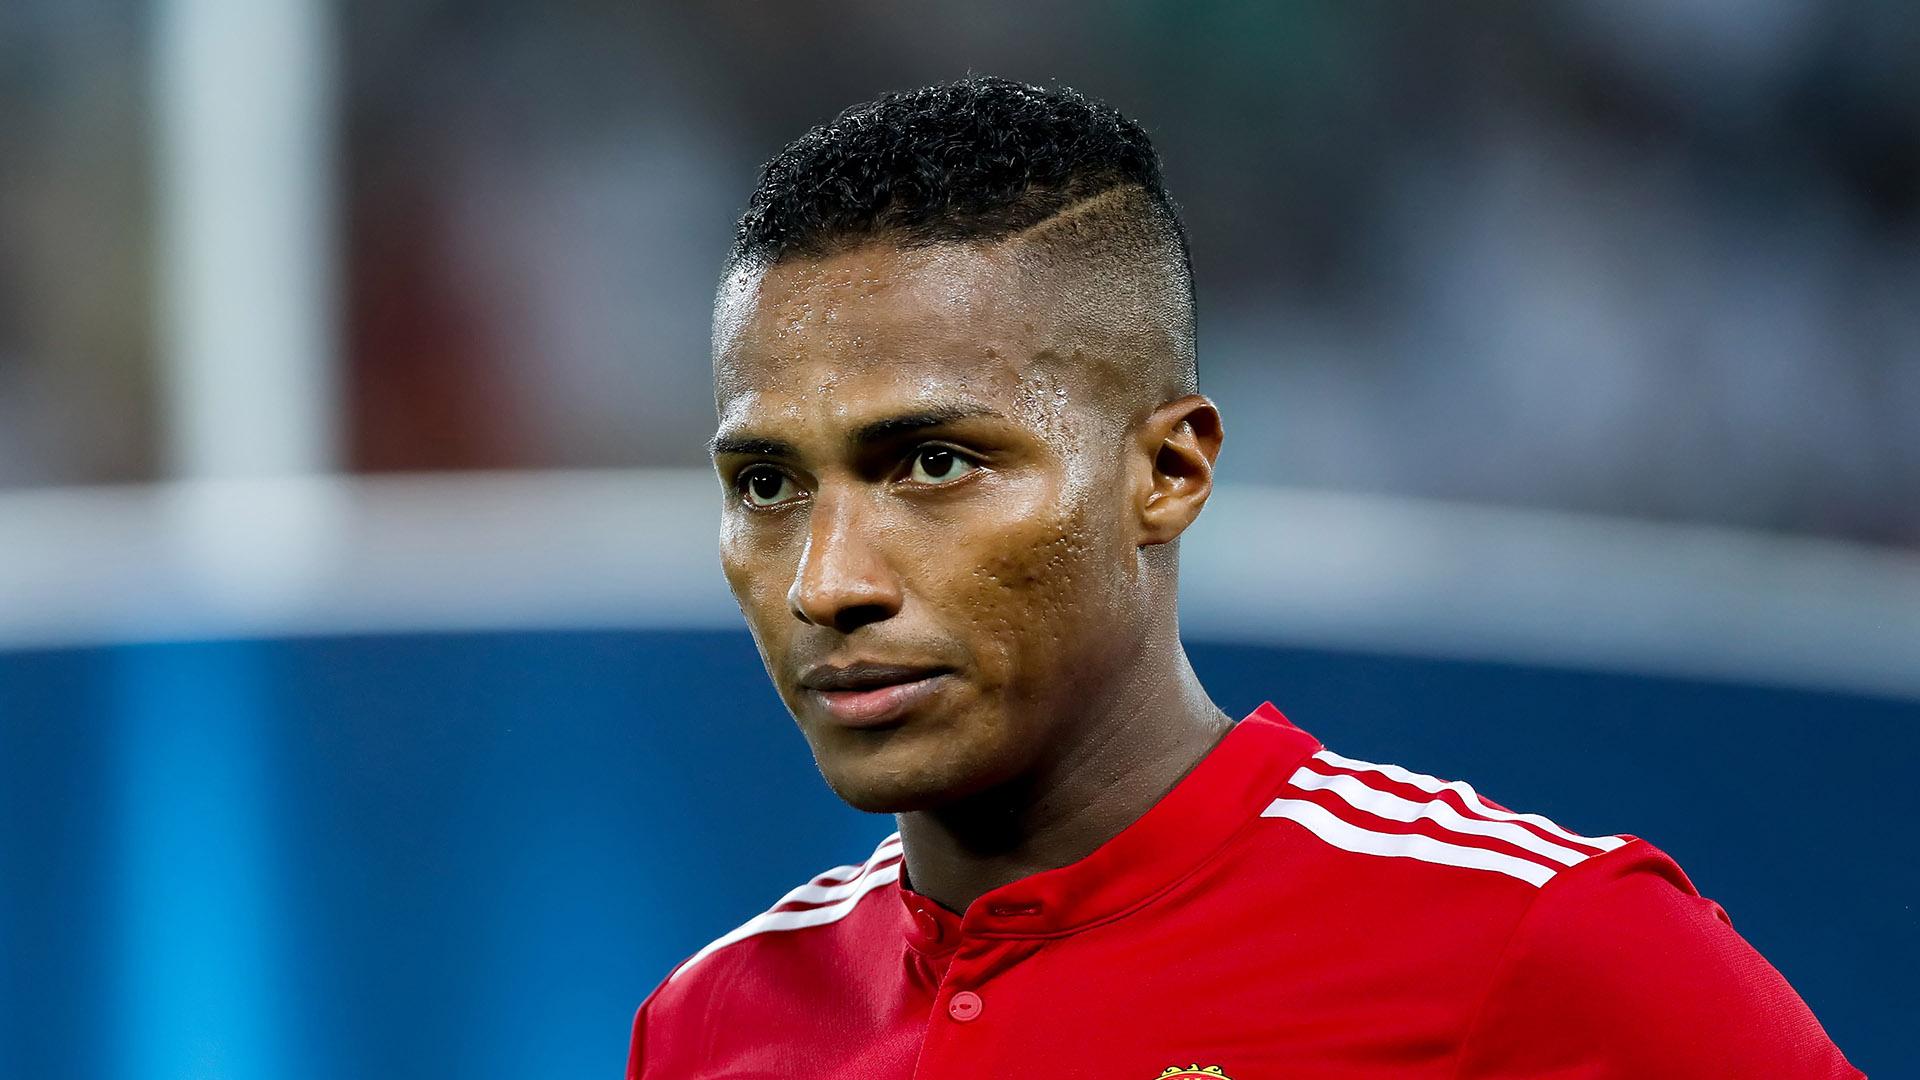 Antonio Valencia (Liga de Quito, Ecuador): el ecuatoriano, quien fuera capitán del Manchester United durante varios años, abandonó el equipo inglés y con 33 años regresóal fútbol de su país, del que se había marchado en 2005. Firmó por dos temporadas